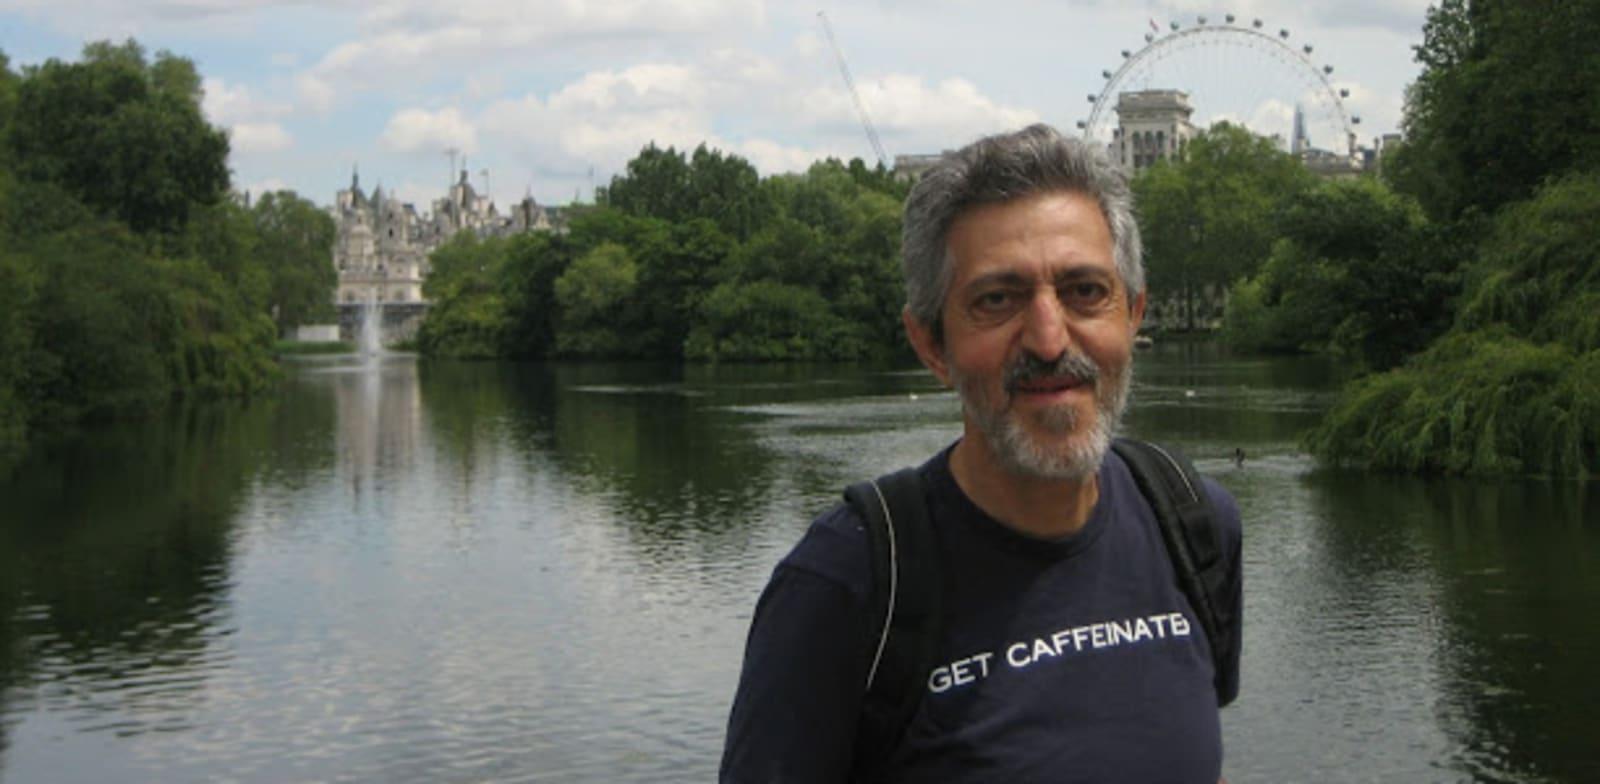 פרופ' אבי ויגדרזון / צילום: By Ednawig - Self-photographed, CC BY-SA 3.0, https://commons.wikimedia.org/w/index.php?curid=22899670